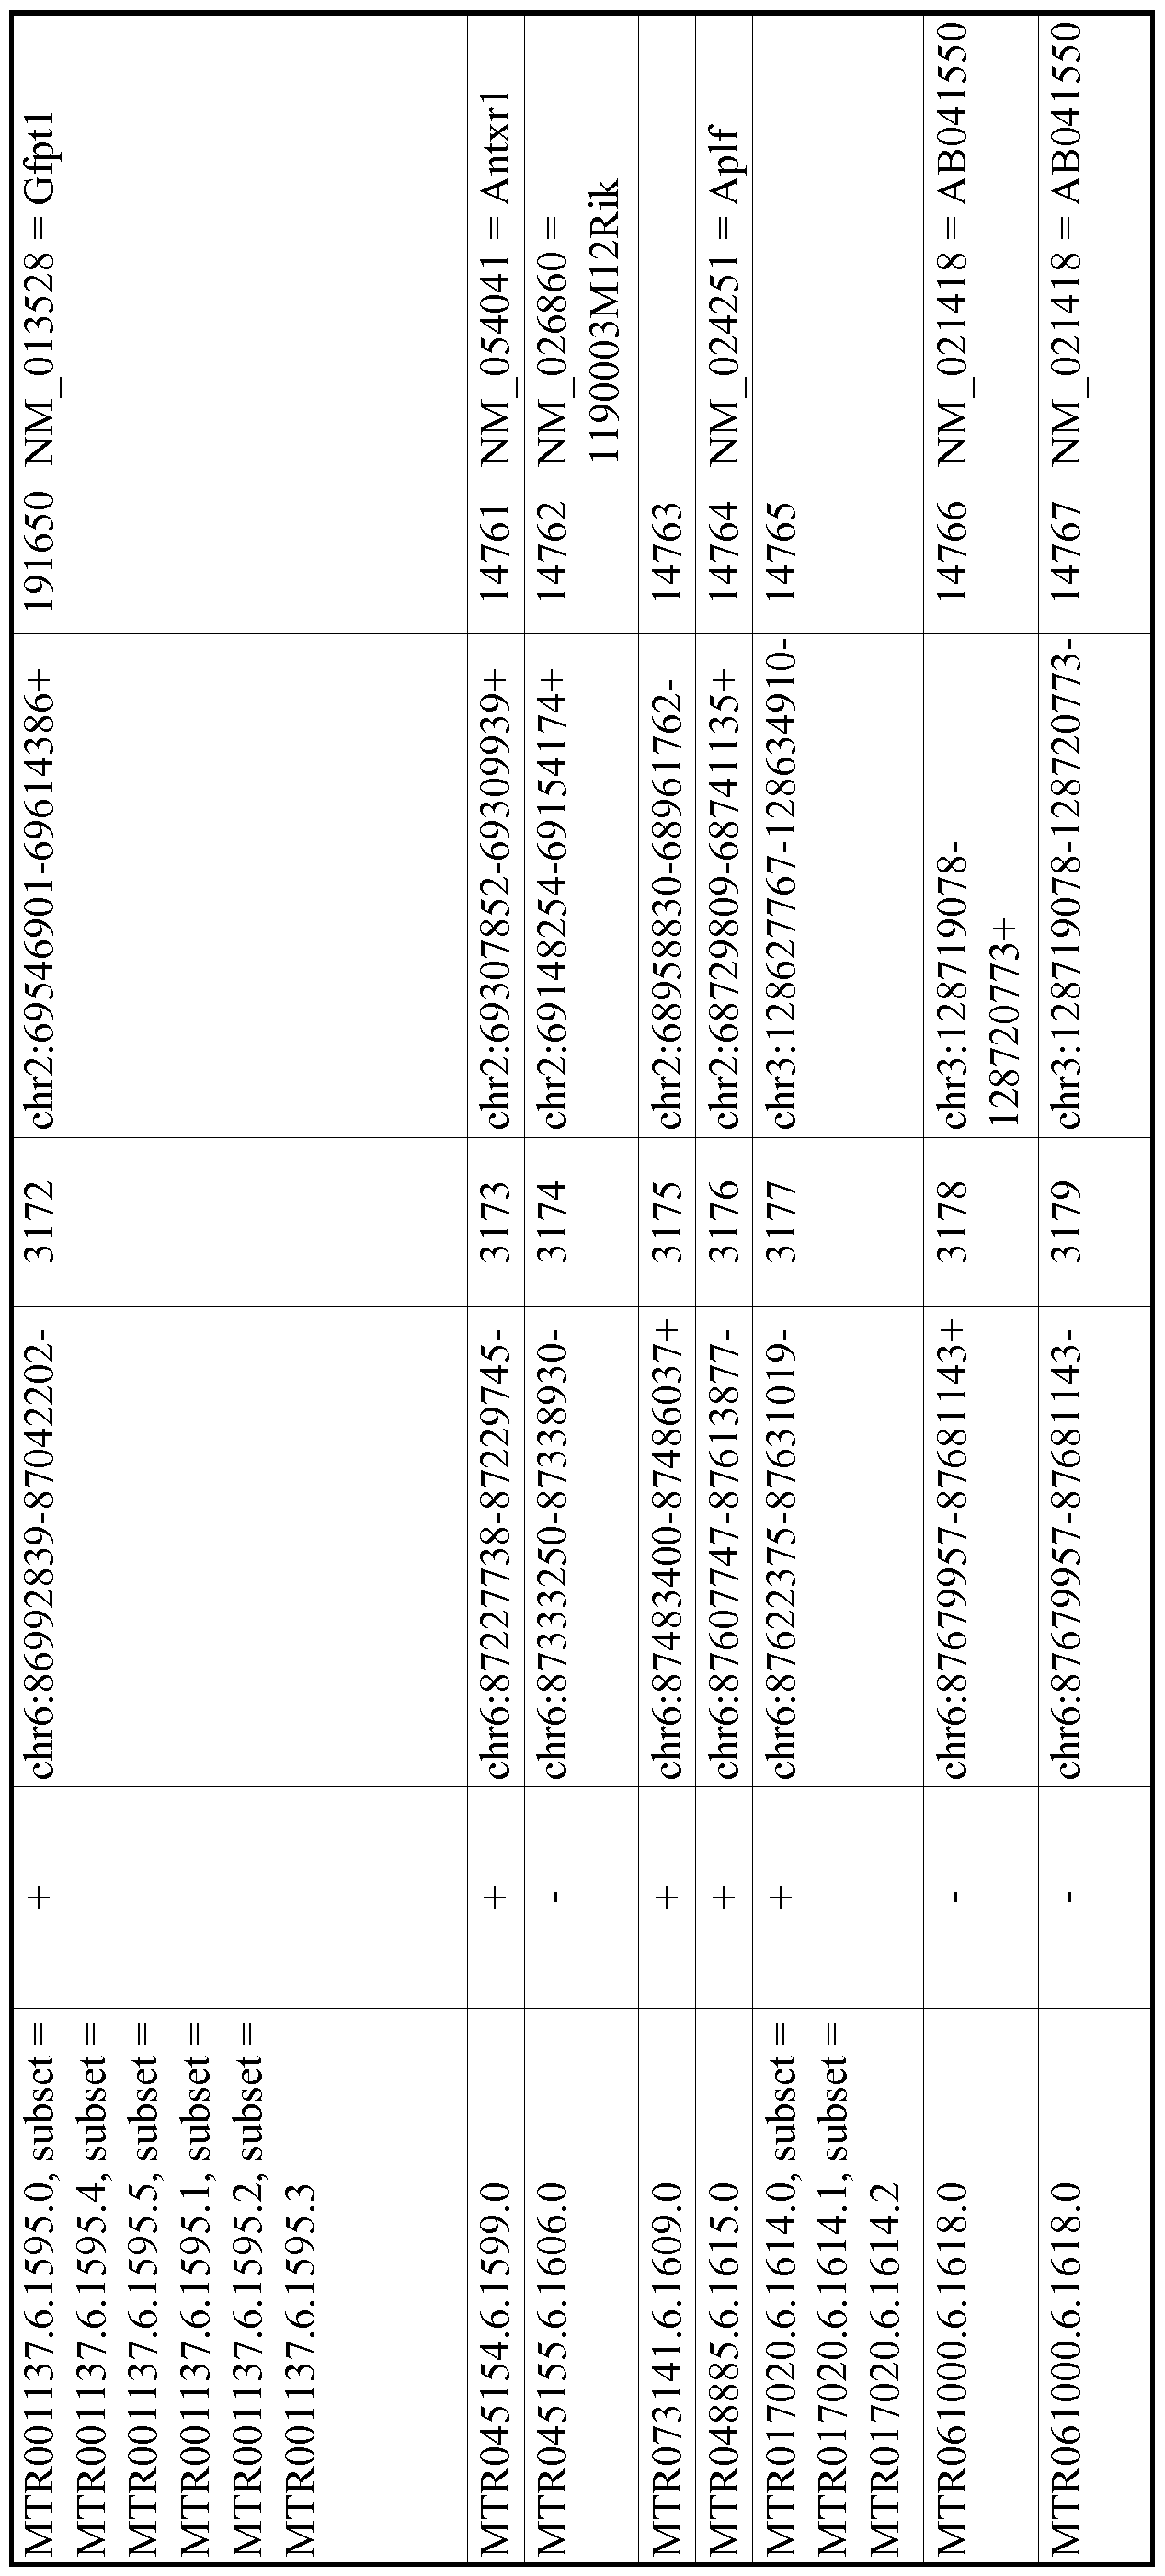 Figure imgf000630_0001